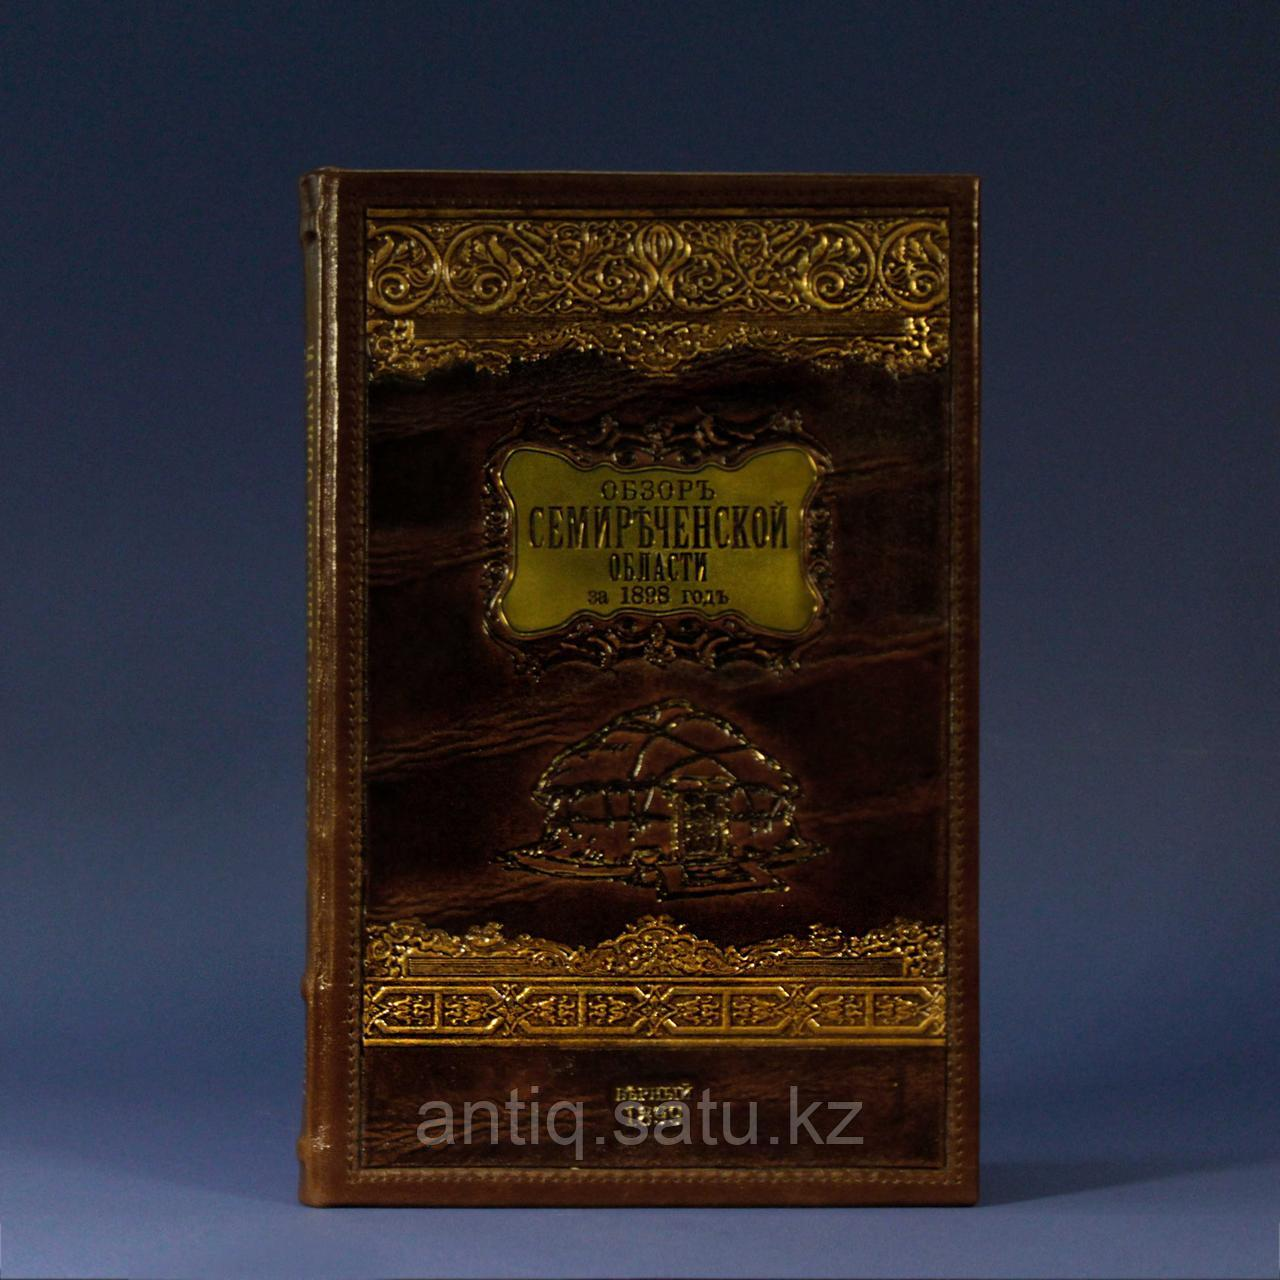 «Обзор Семиреченской области за 1898 год» Раритетное издание, отпечатано в г. Верный (Алматы) - фото 7